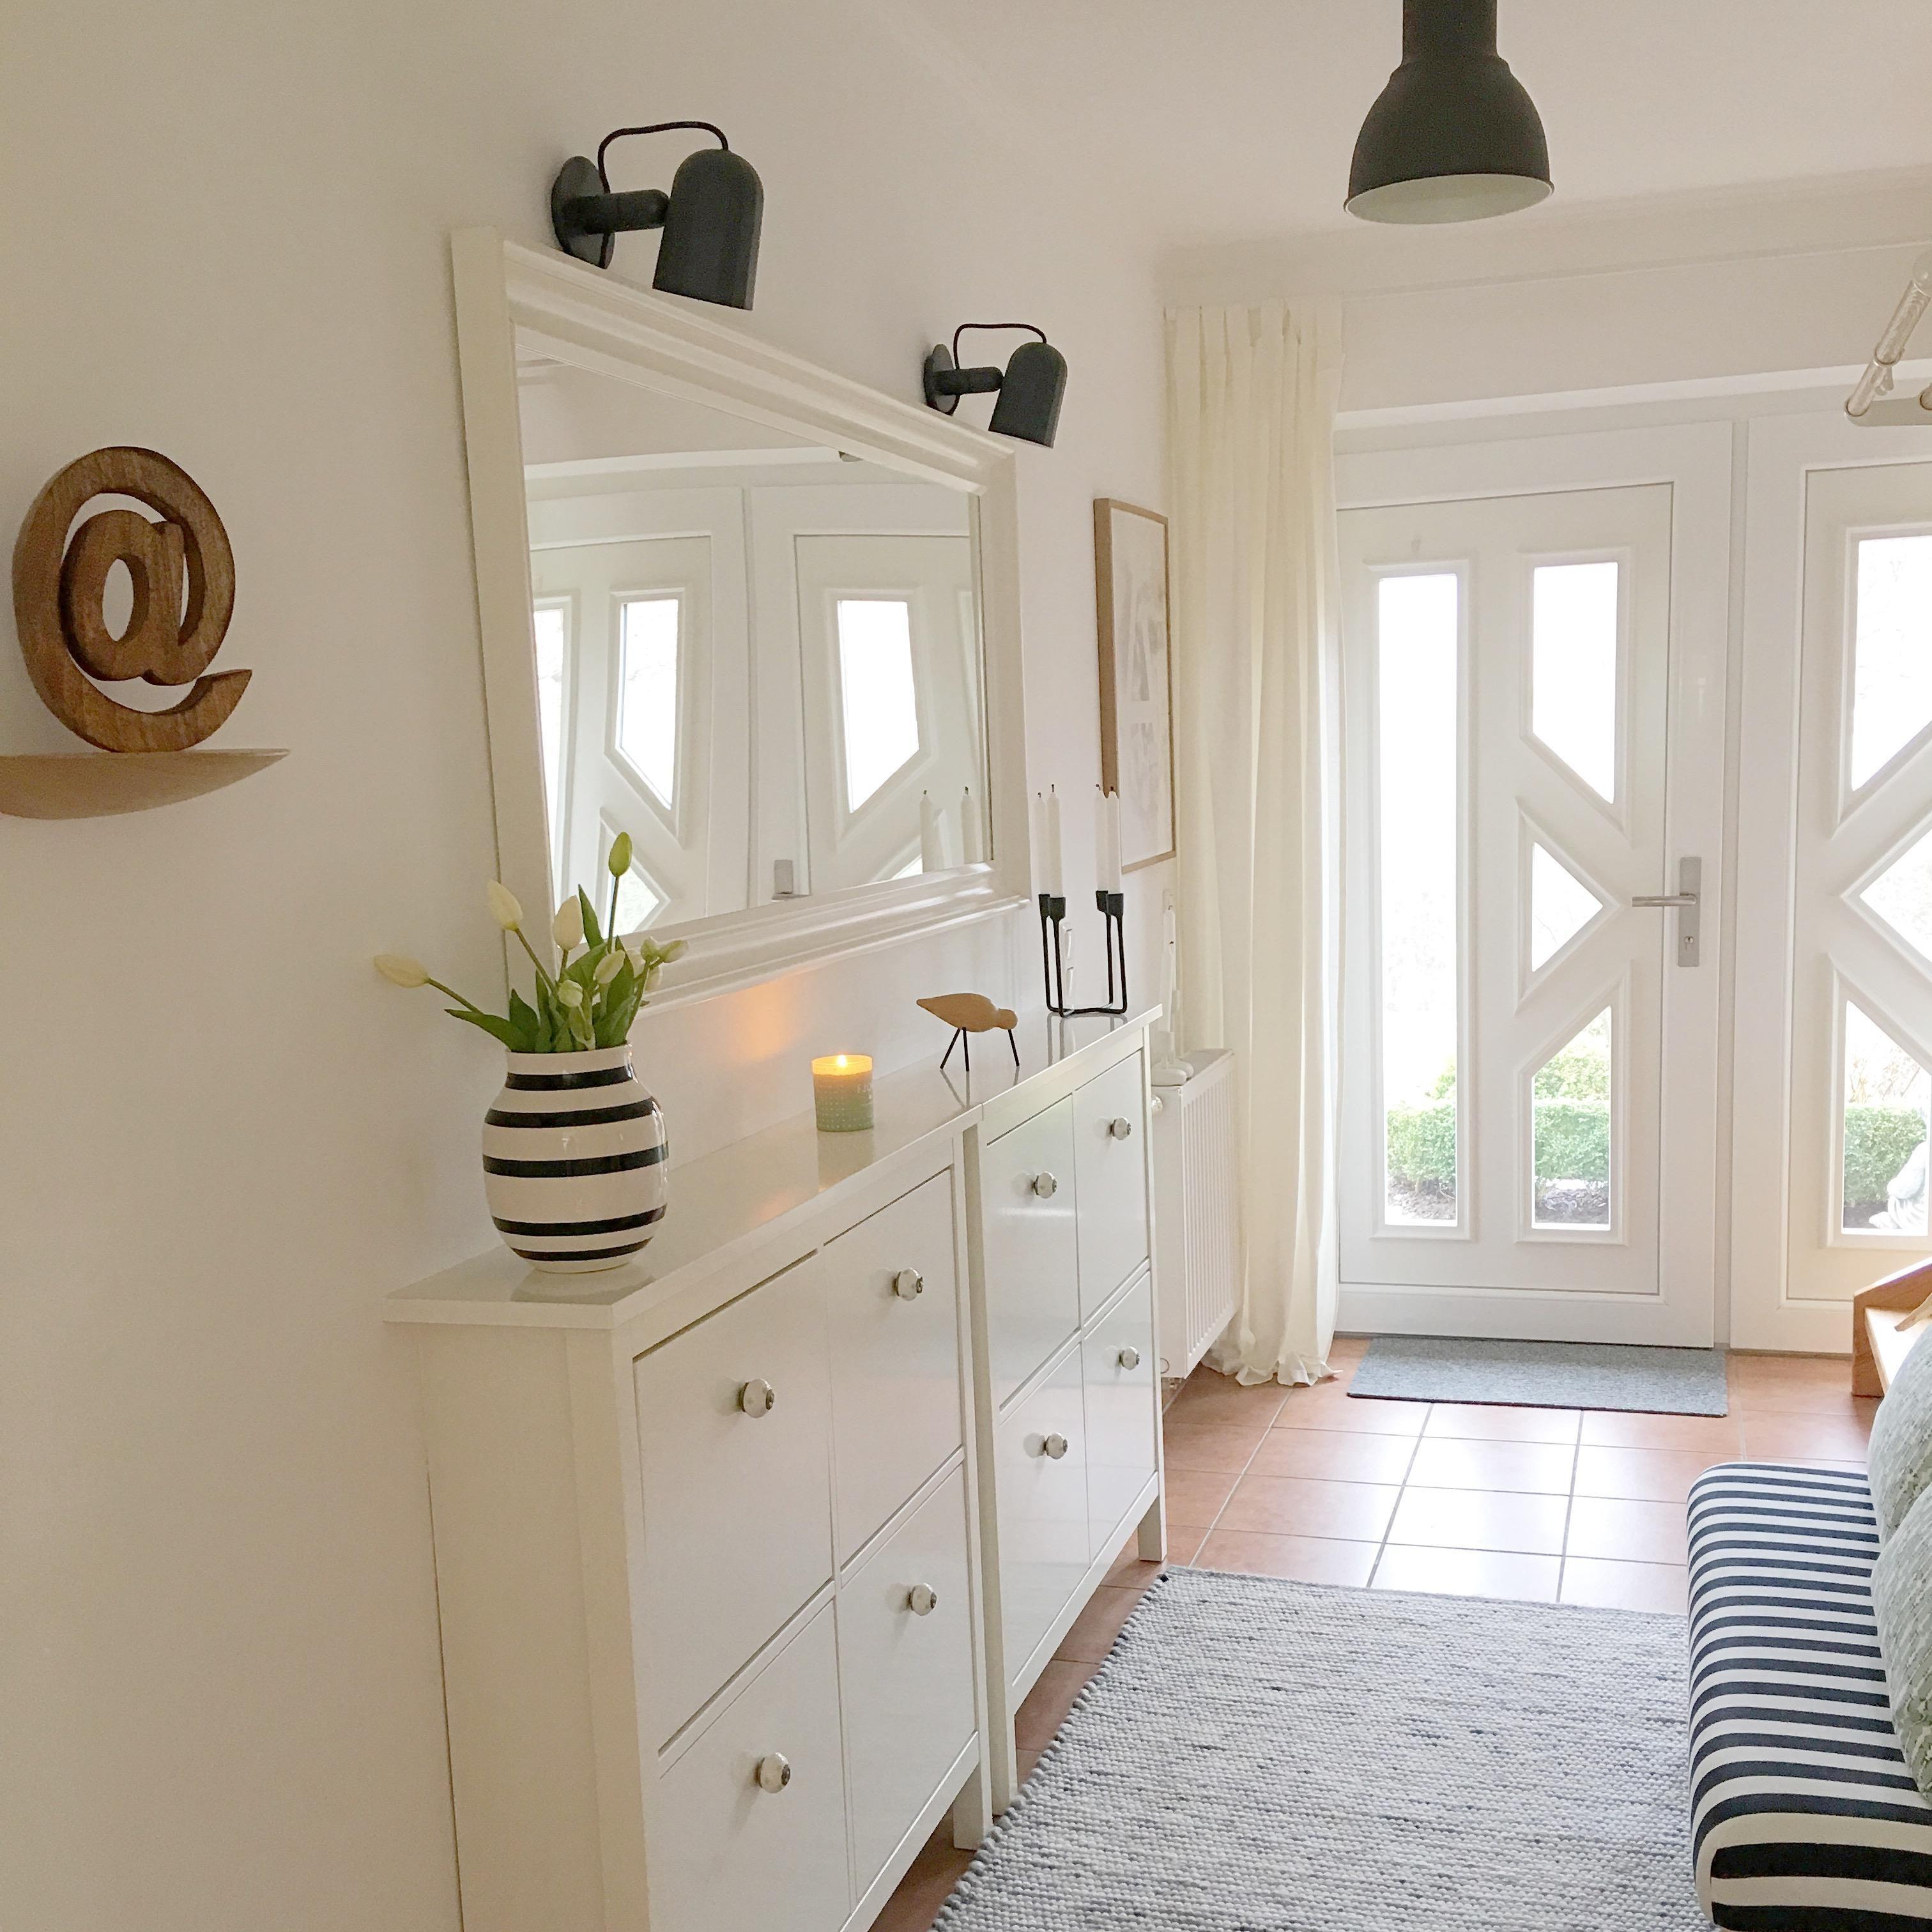 spiegel bilder ideen couchstyle. Black Bedroom Furniture Sets. Home Design Ideas